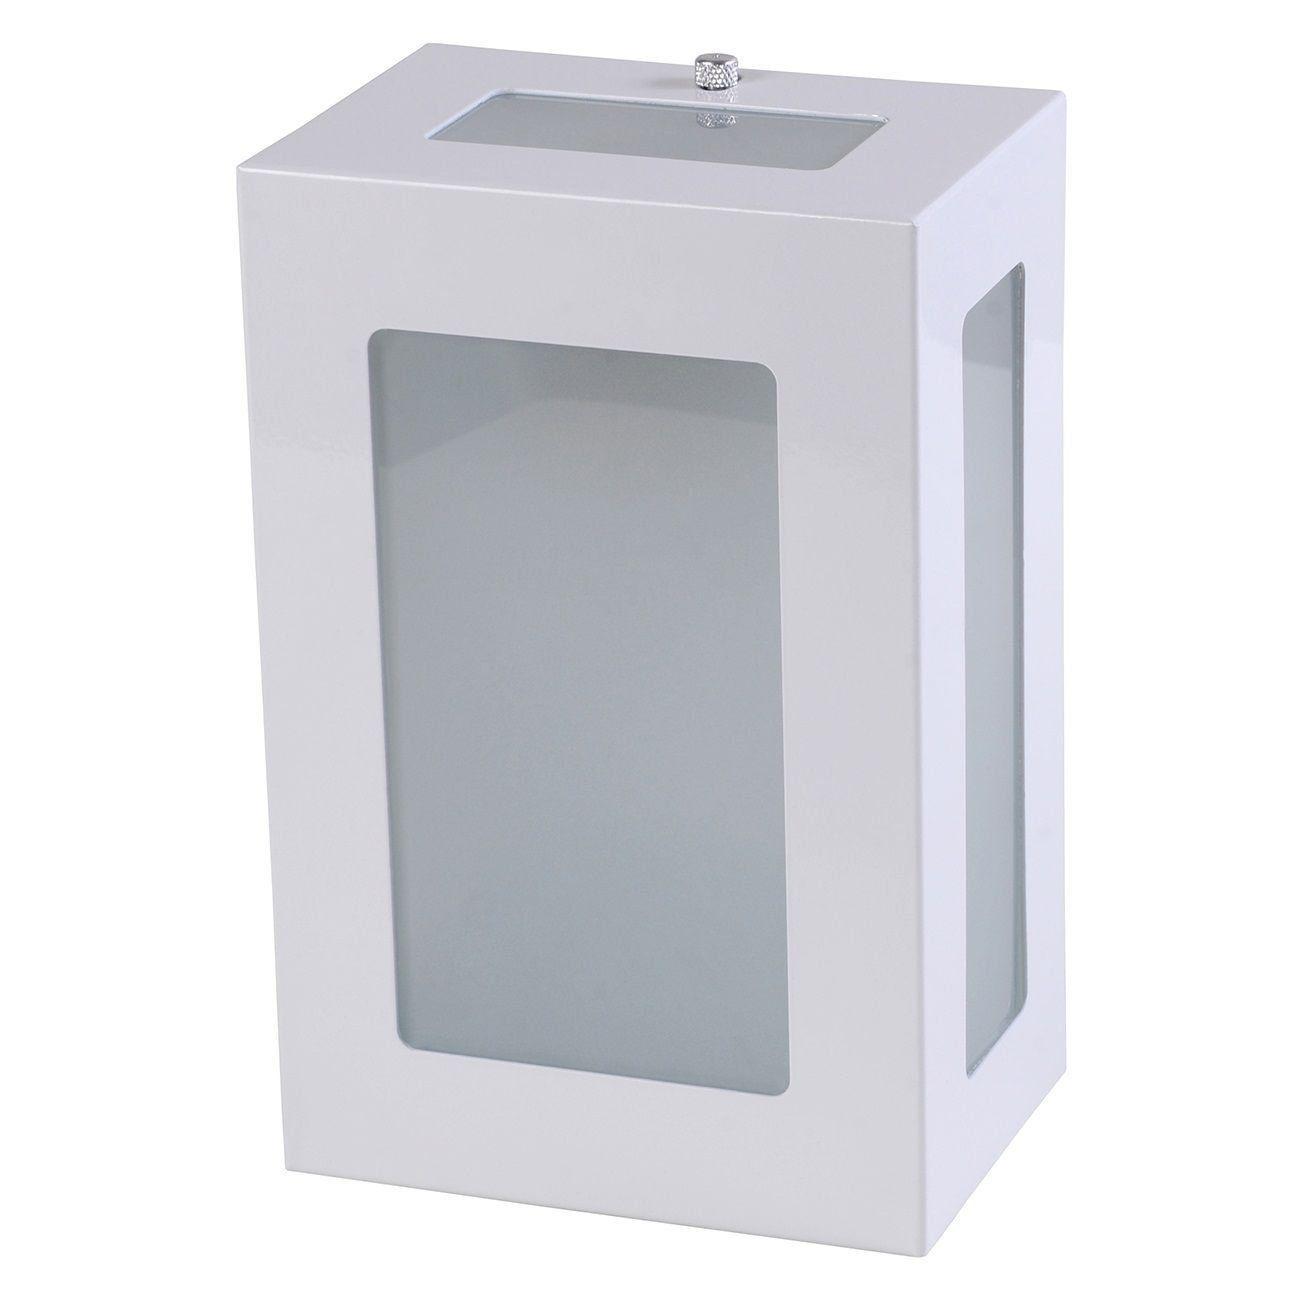 Arandela 5 Vidros Luminária Externa Interna Muro Parede Alumínio Branco - Rei da Iluminação